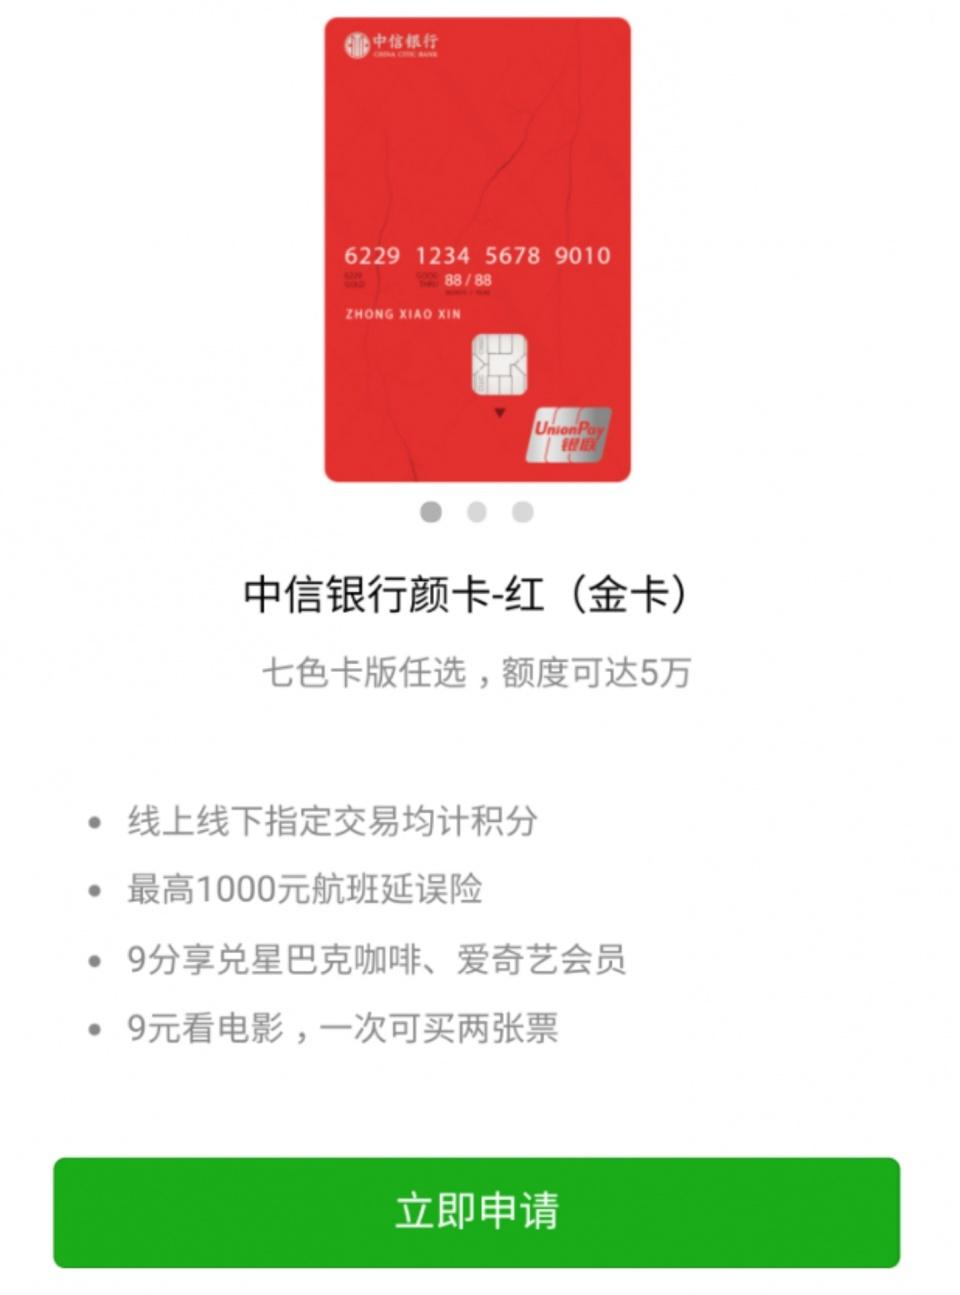 中信银联标准IC信用卡(白金卡)要留吗?